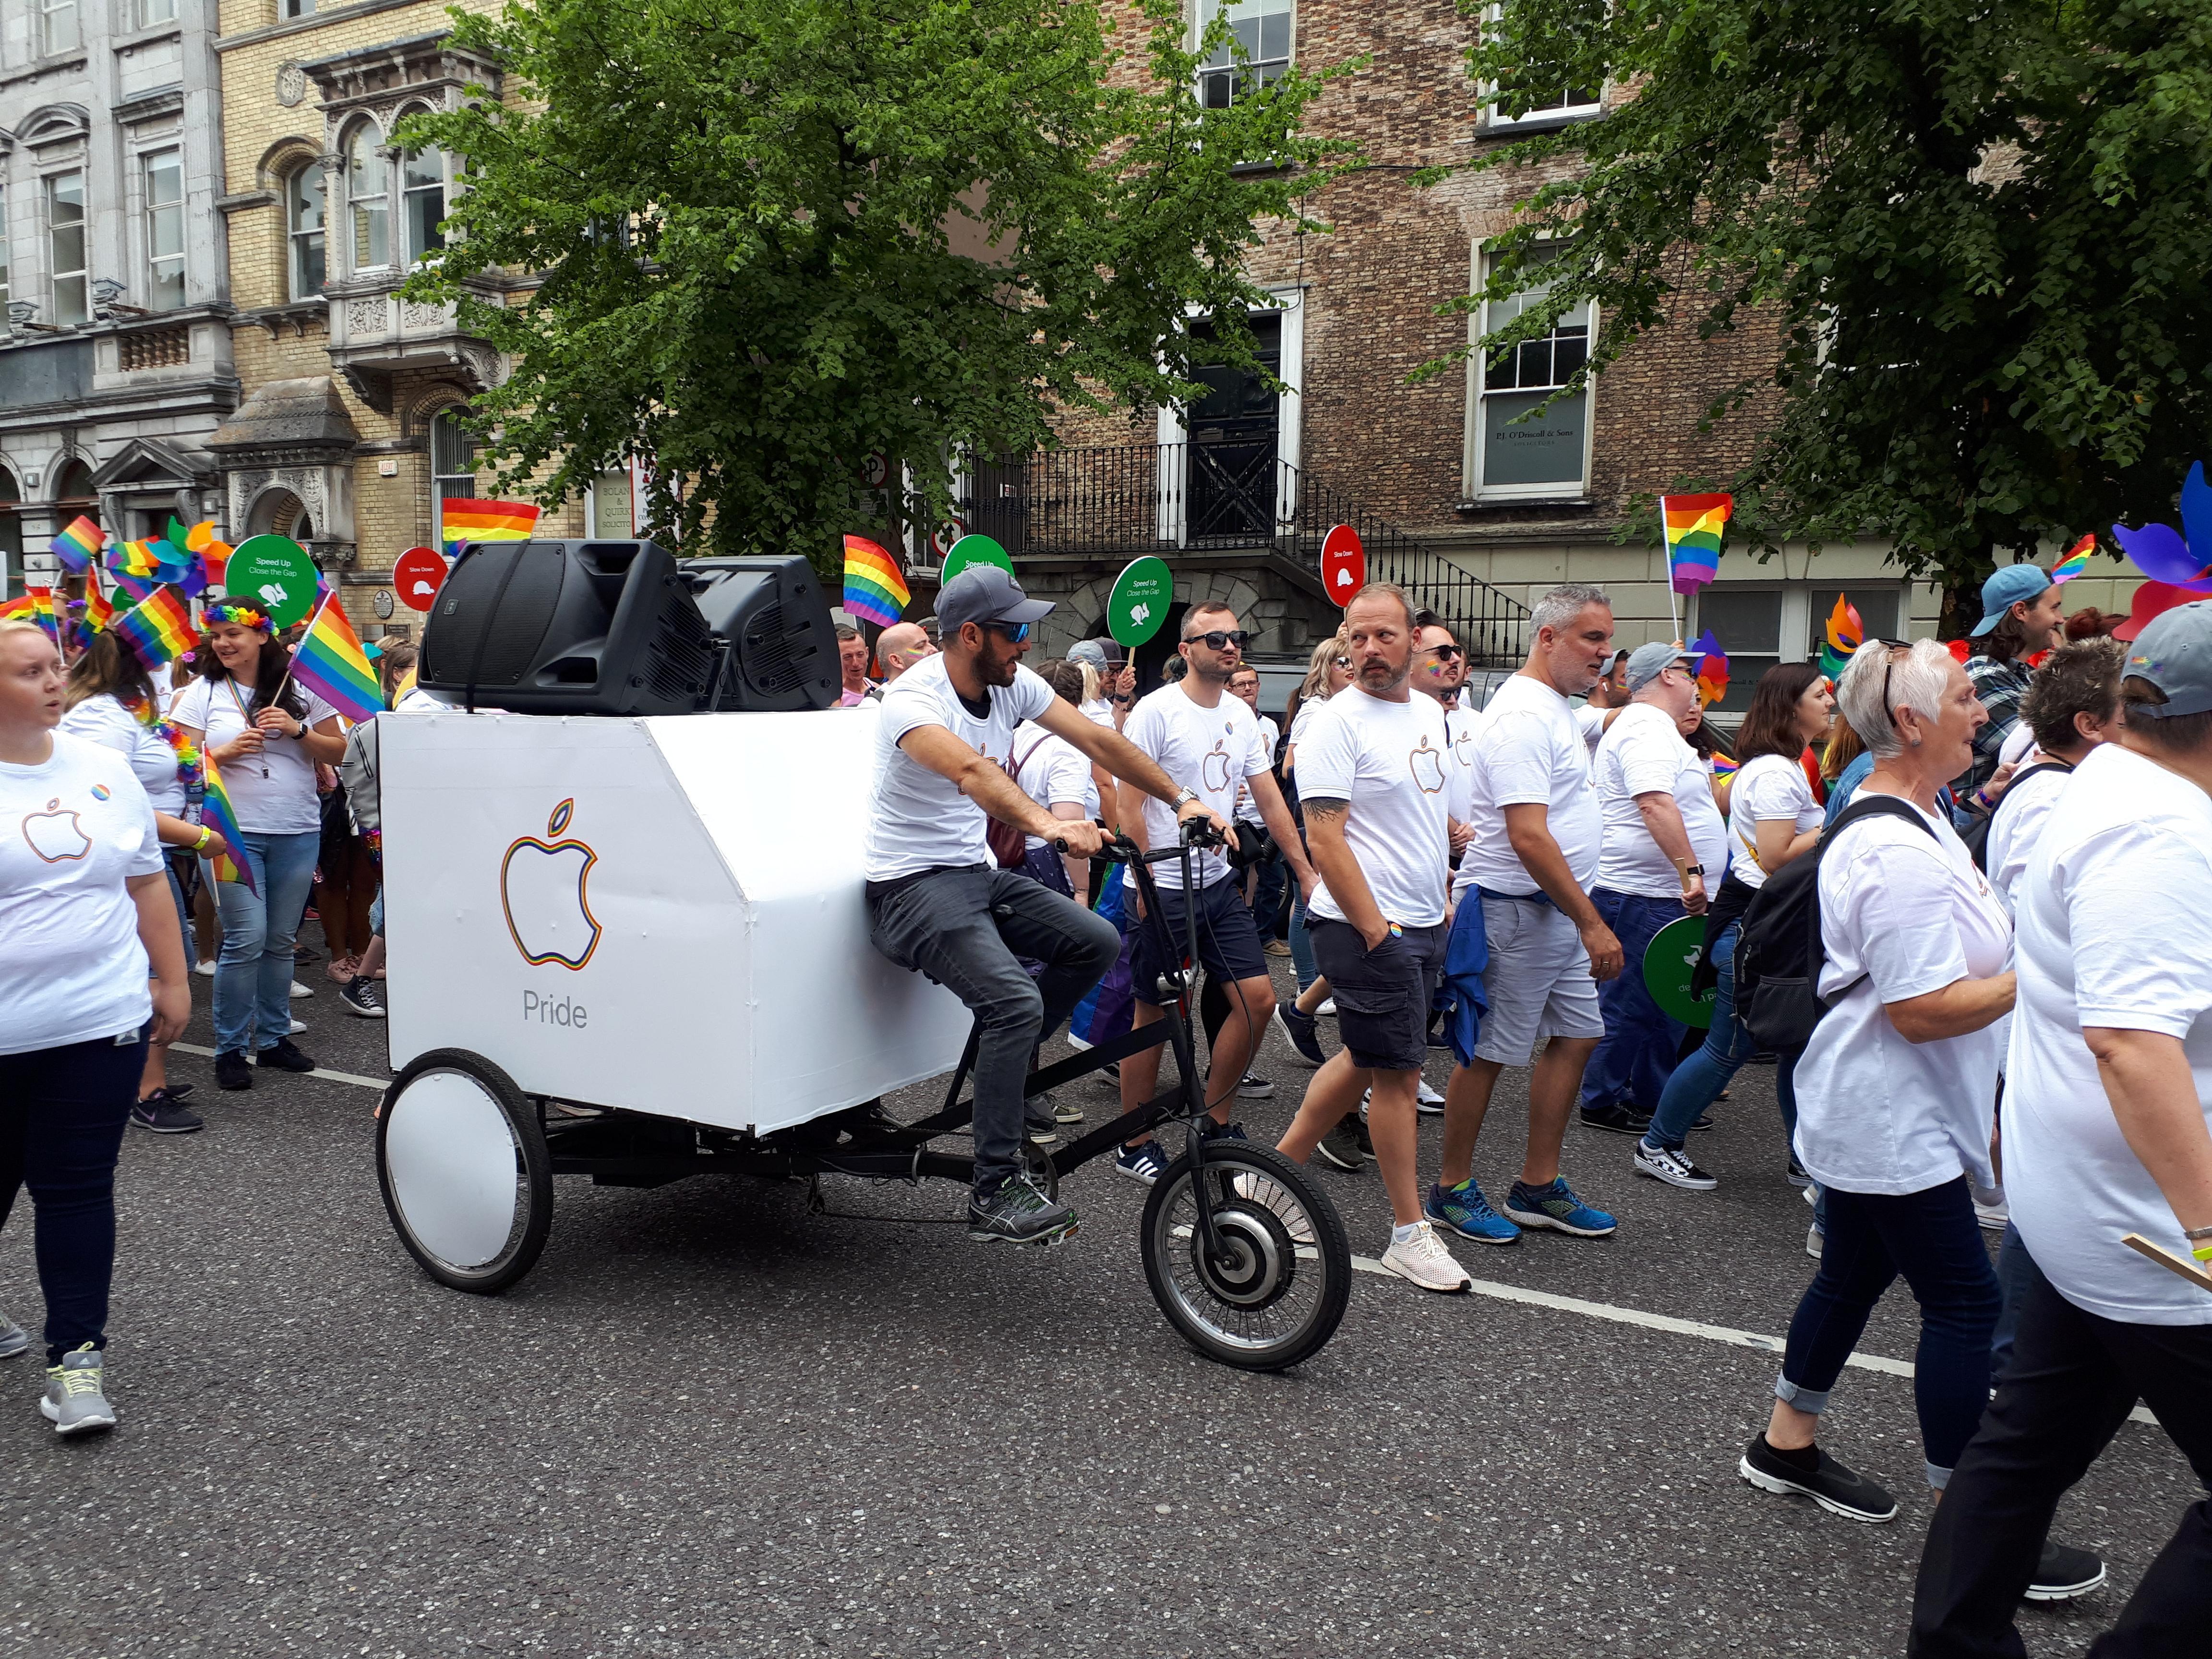 pride parade cork